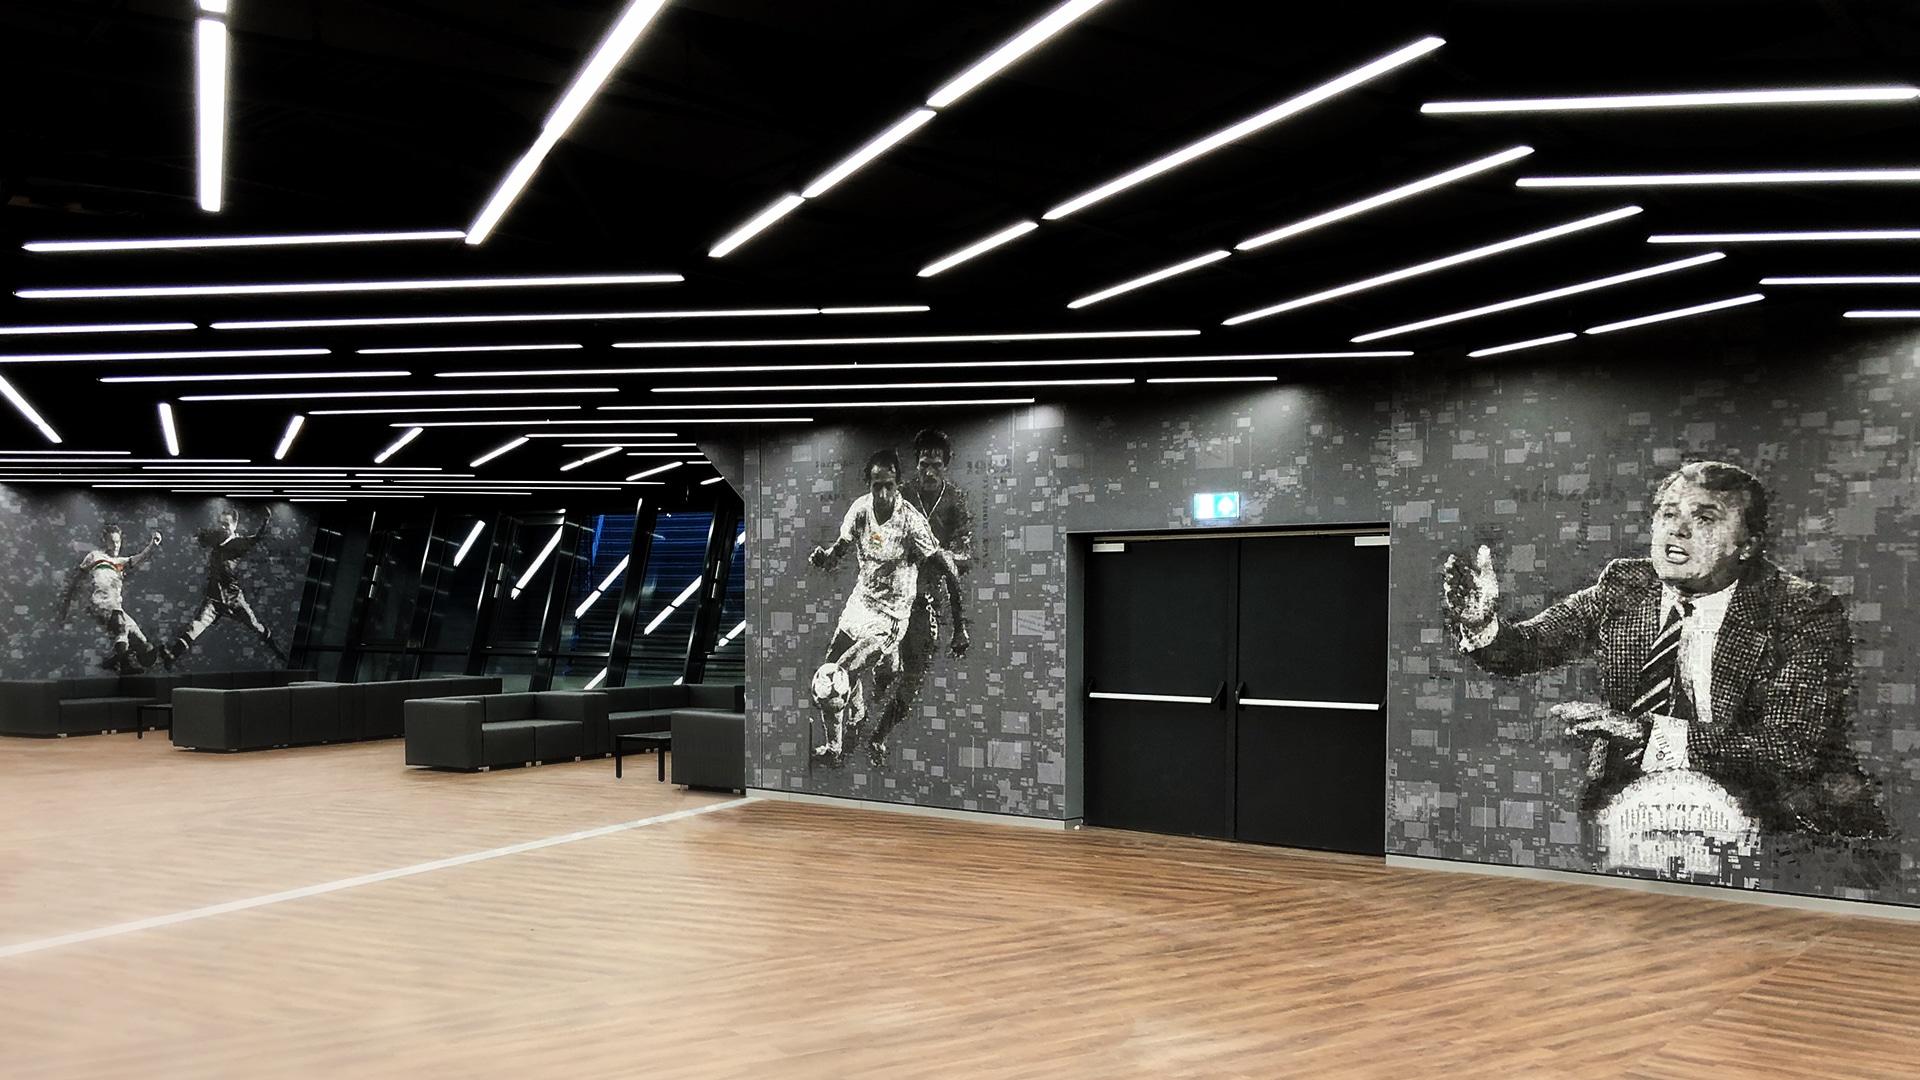 Nagylátószögű kép a VIP páholyról. A falakon az egyedi szürke nyomatott tapétával, amin mozaikszerű foci életképek látszanak.